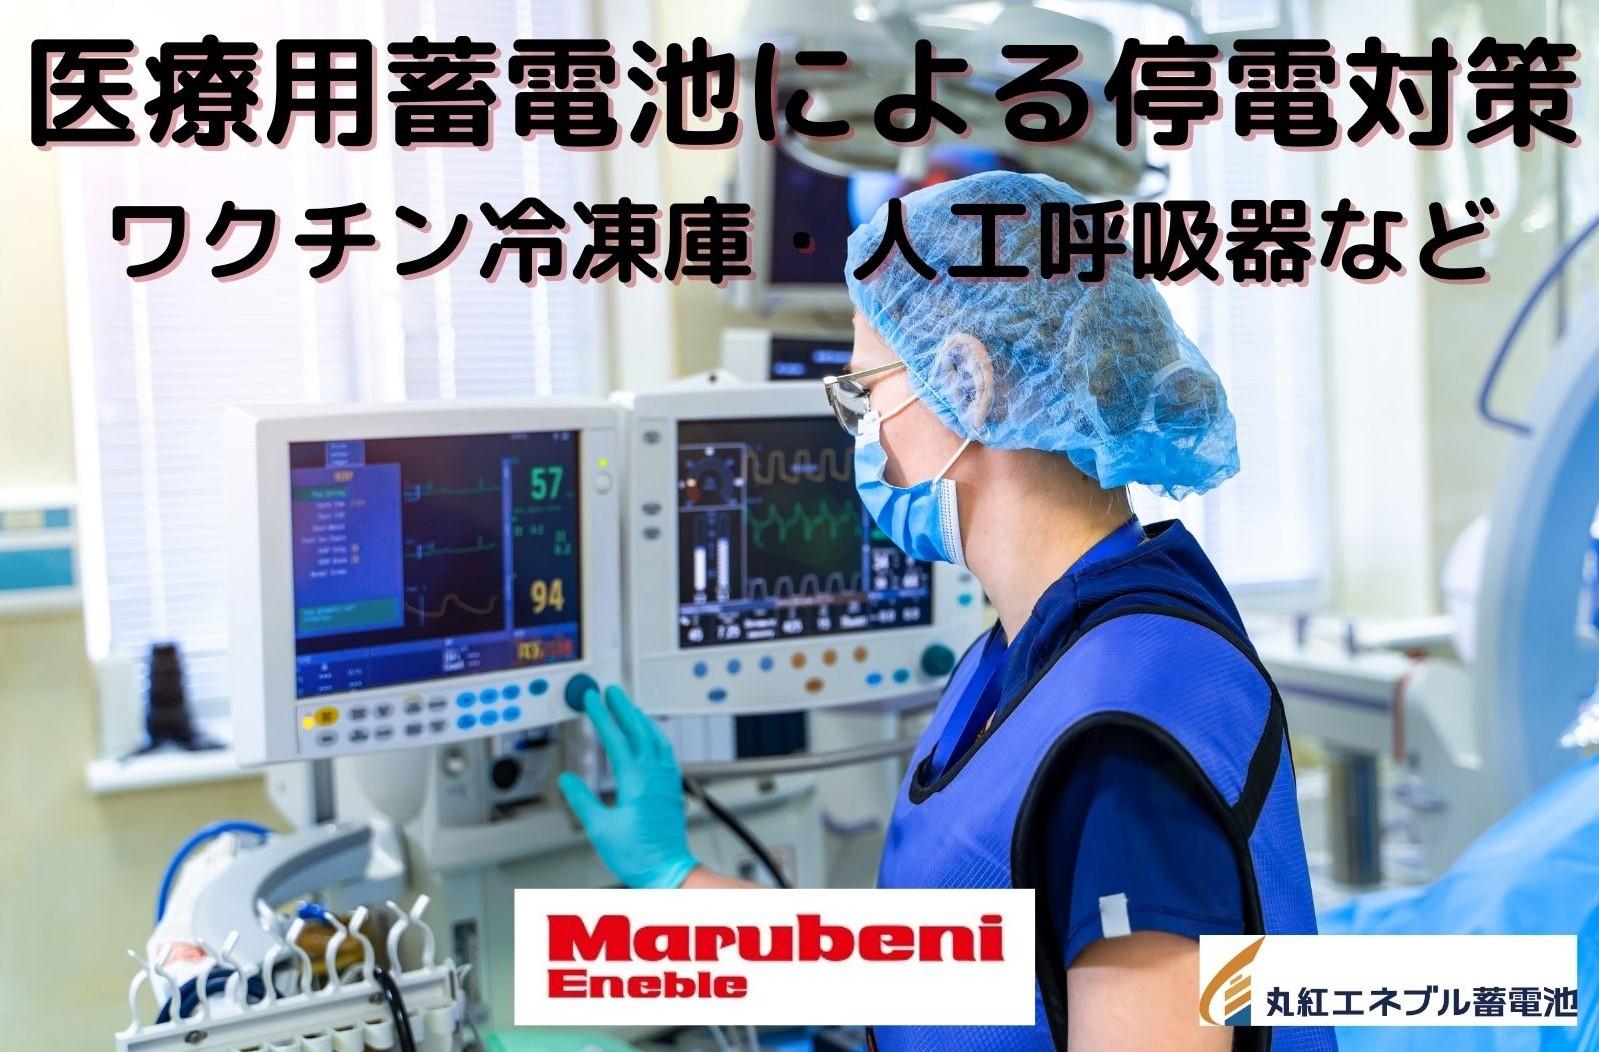 【最新】医療用蓄電池・UPSを徹底解説!-丸紅エネブル(コロナワクチン・人工呼吸器・BCP対策)